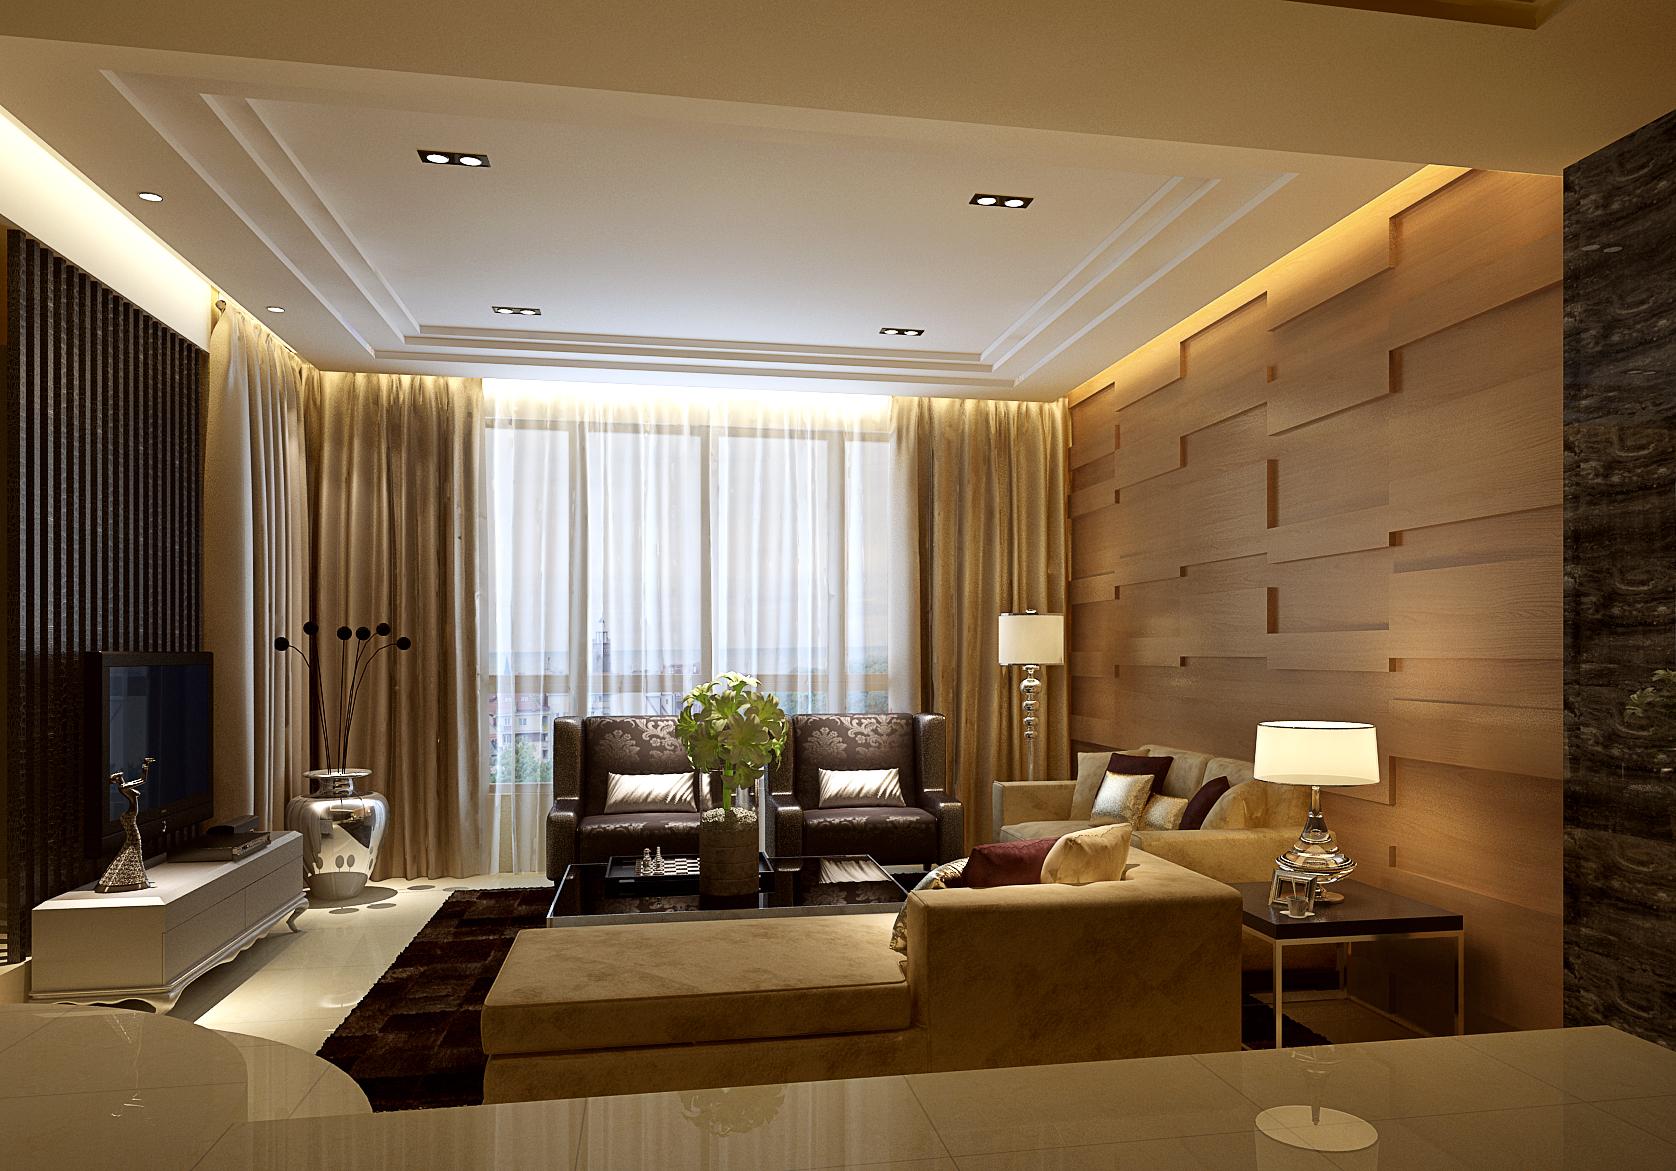 简约 混搭 三居 客厅图片来自成都业之峰装修小管家在中海九号公馆190现代时尚的分享